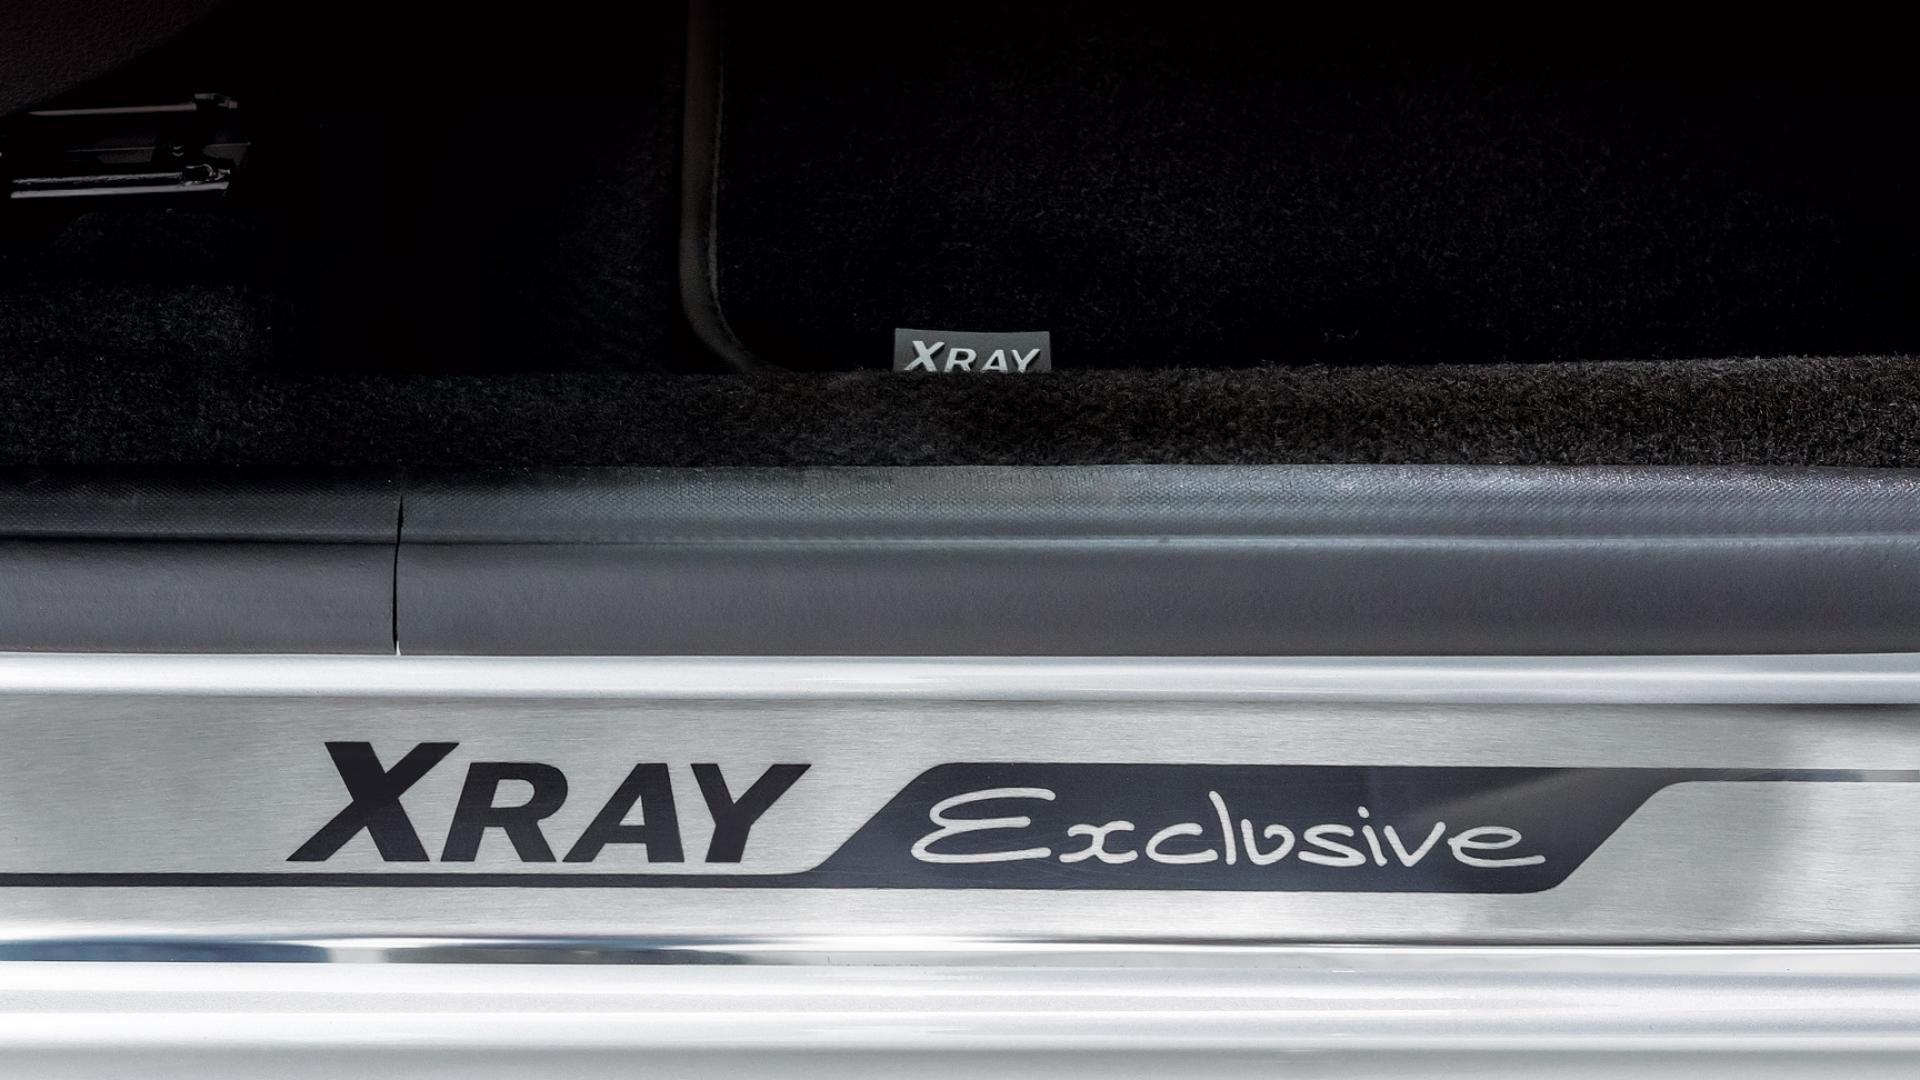 Lada Xray Exclusive (4)